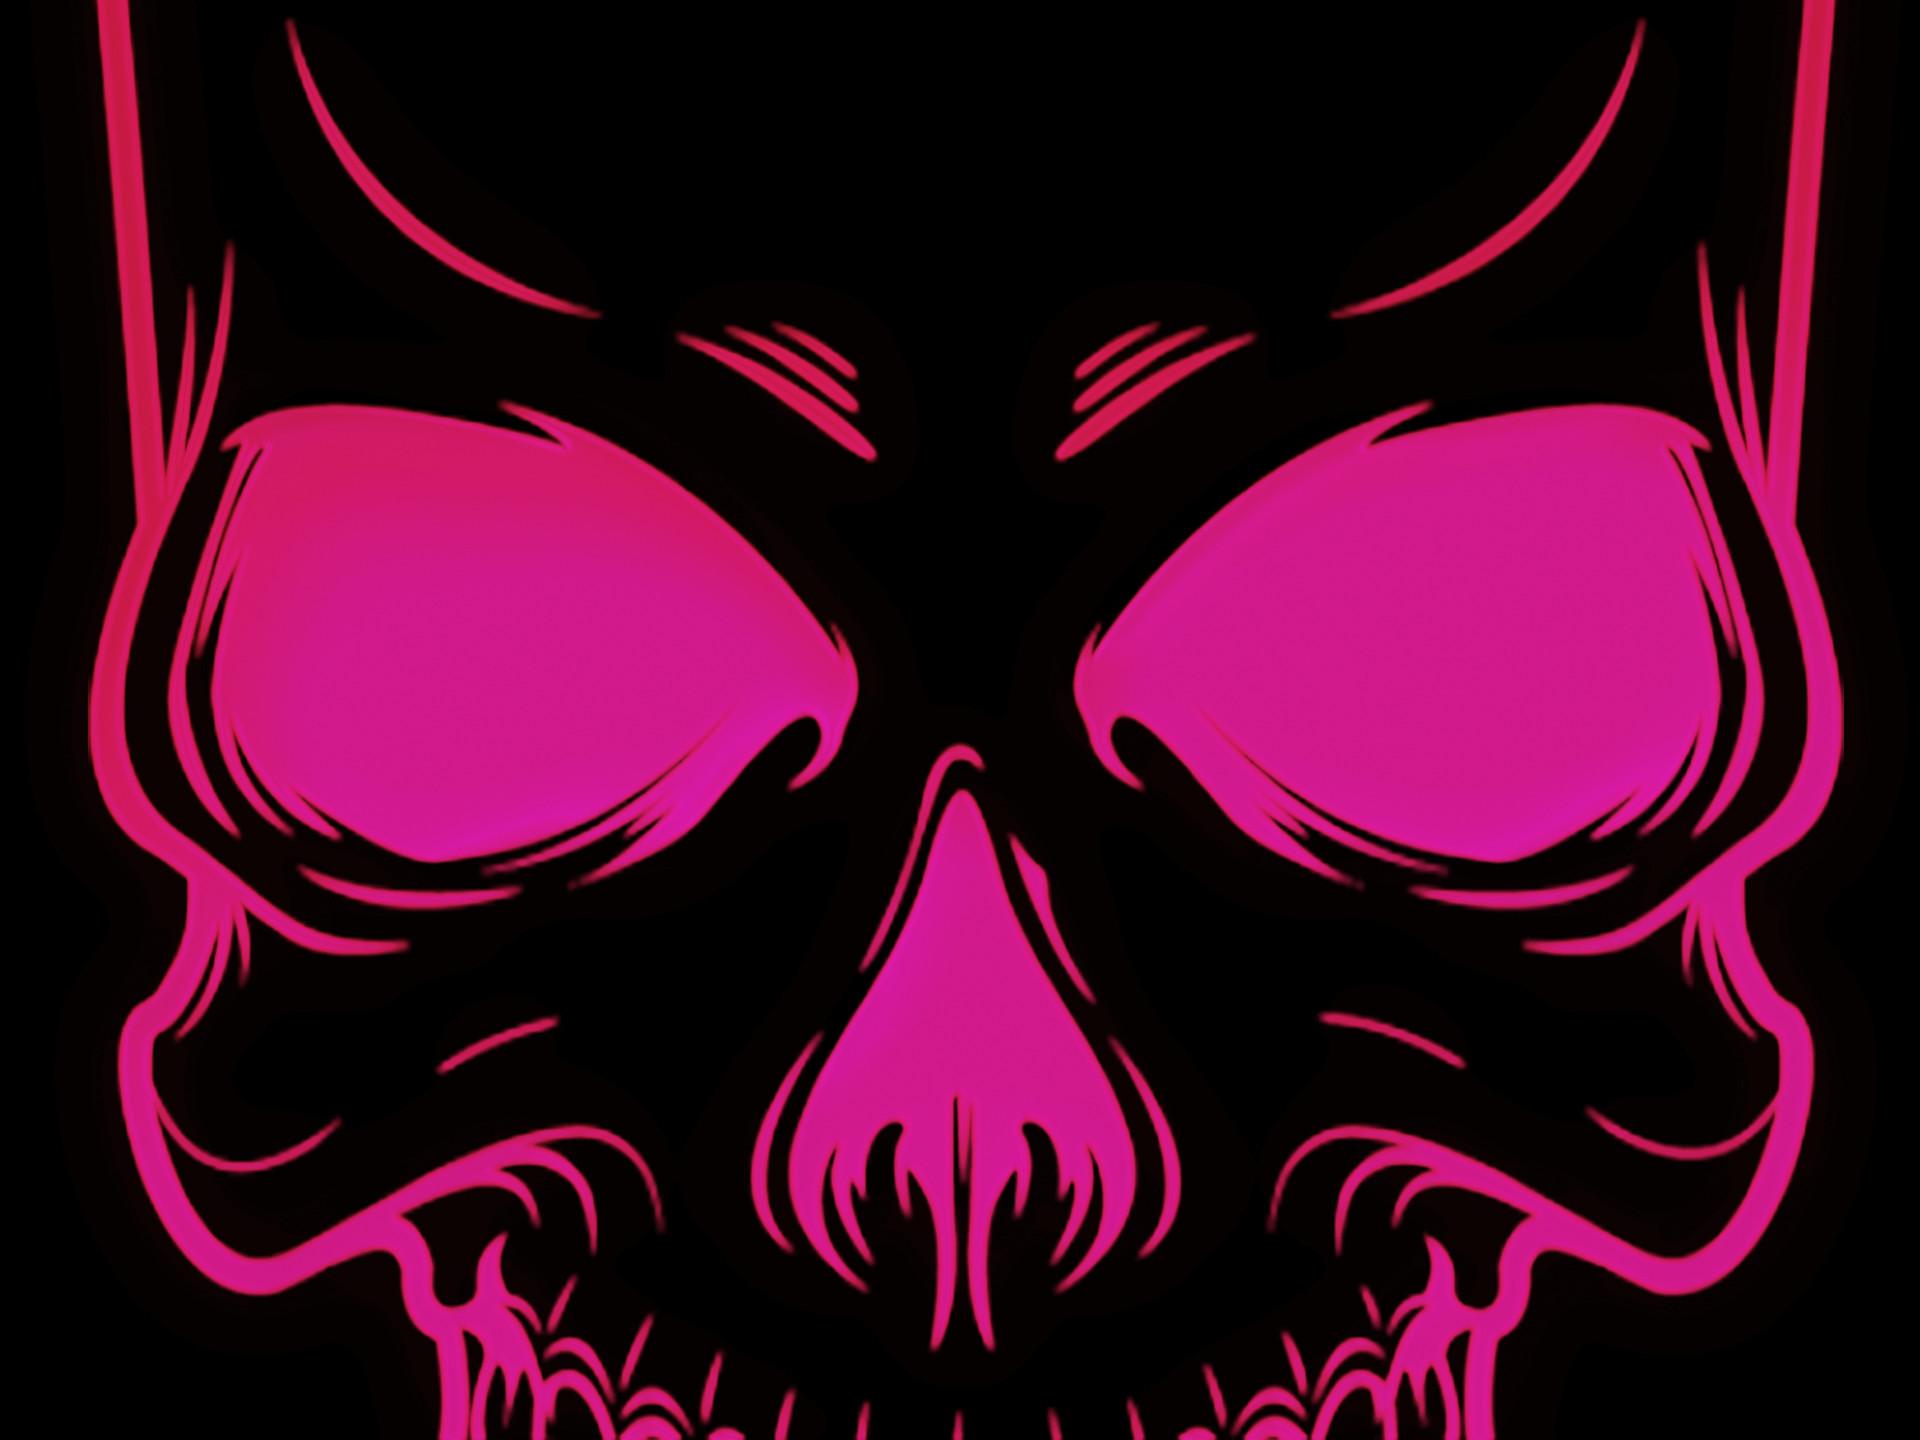 pink-skull-wallpaper-style1.jpg 28-Jul-2014 14: